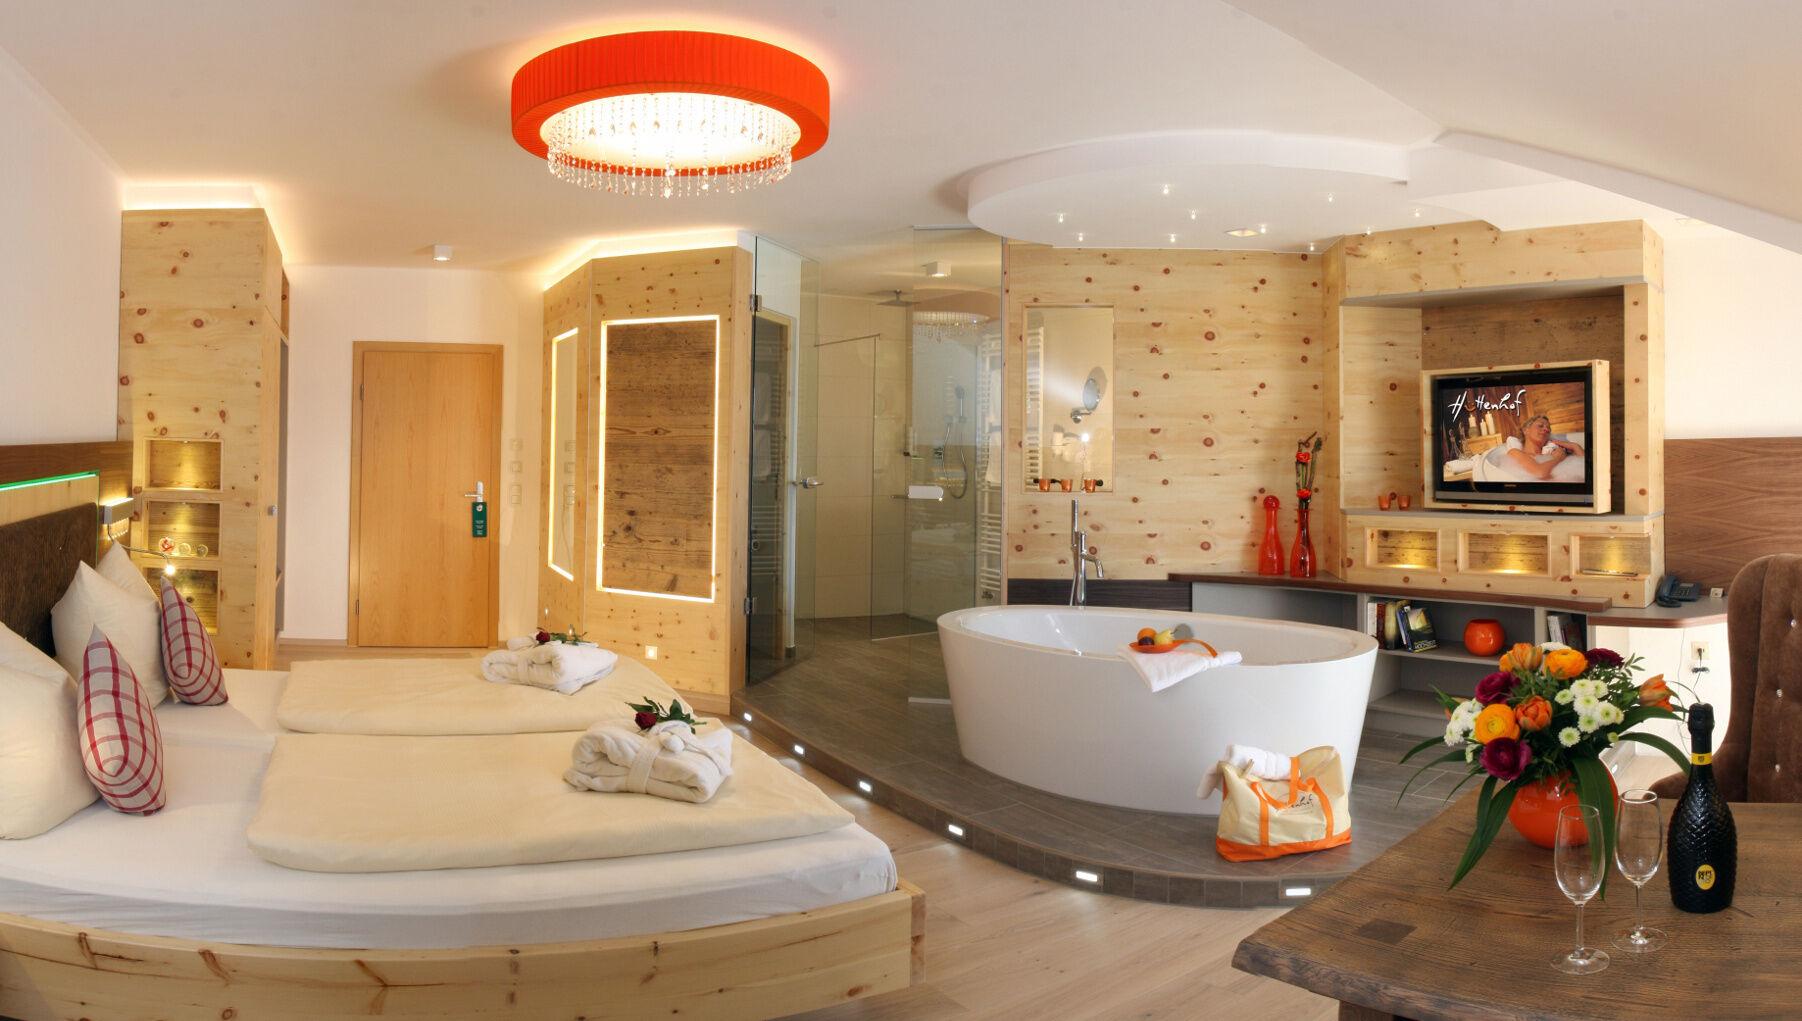 Wohlf hlzimmer 4 sterne wellnesshotel h ttenhof for Warnemunde zimmer mit fruhstuck